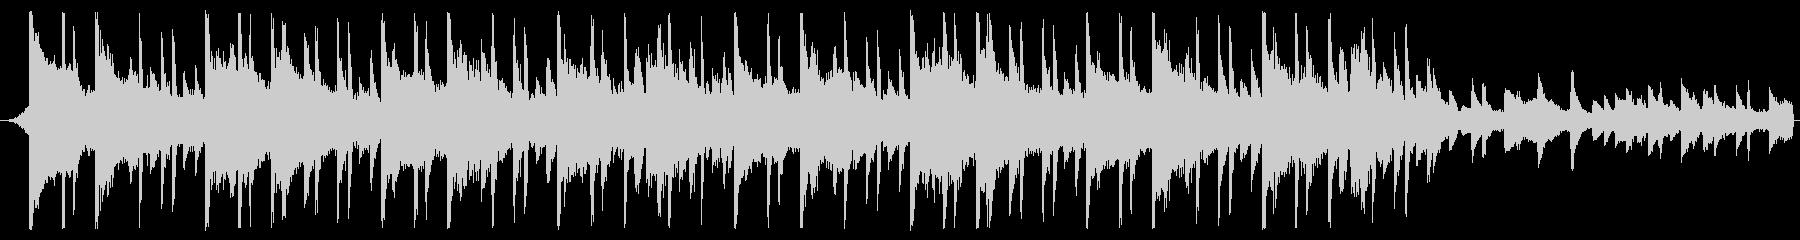 30秒企業BGMなどに明るくシンプルな曲の未再生の波形